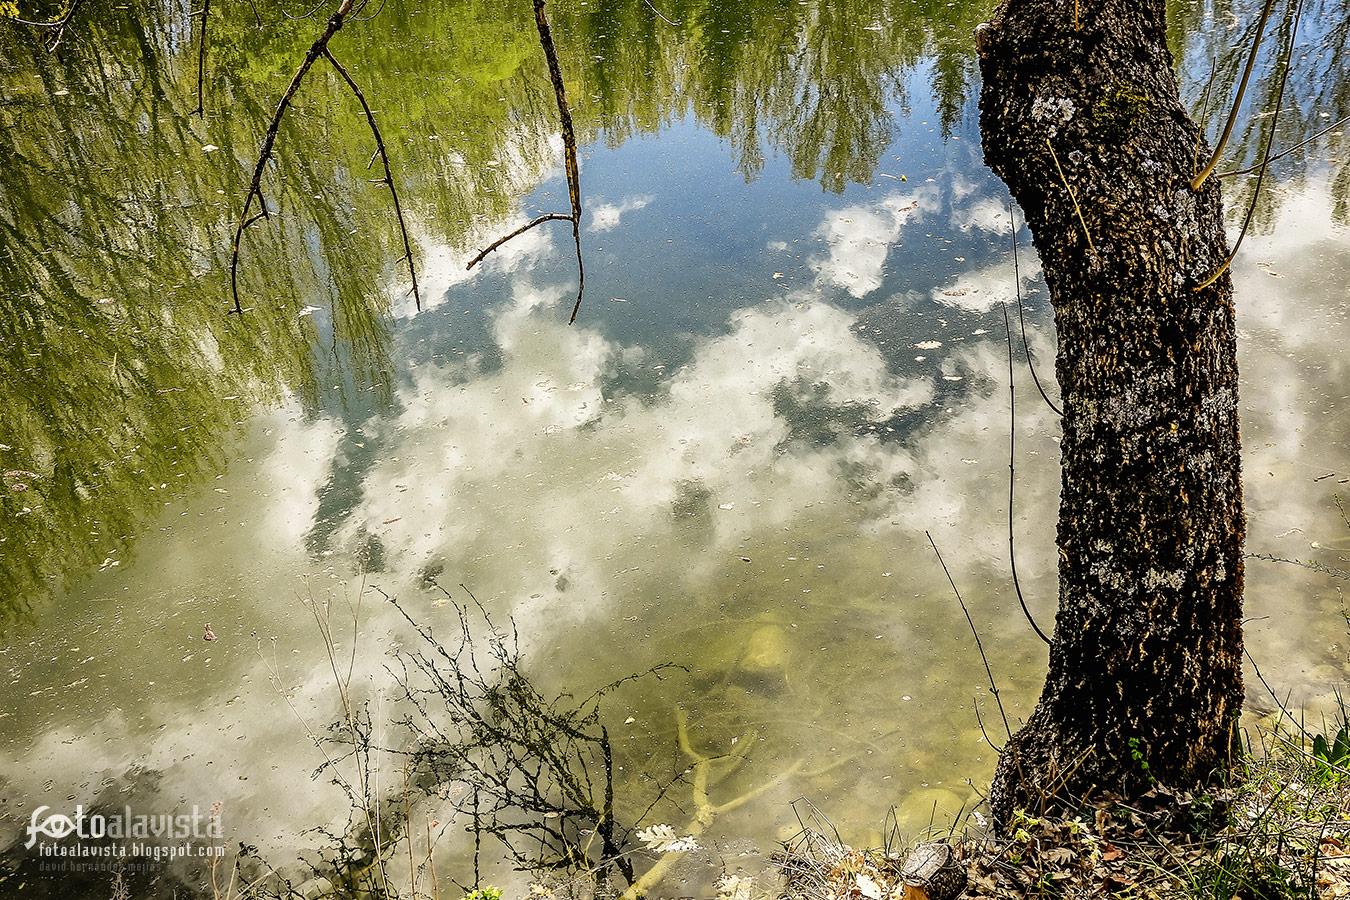 El lago de la imaginación